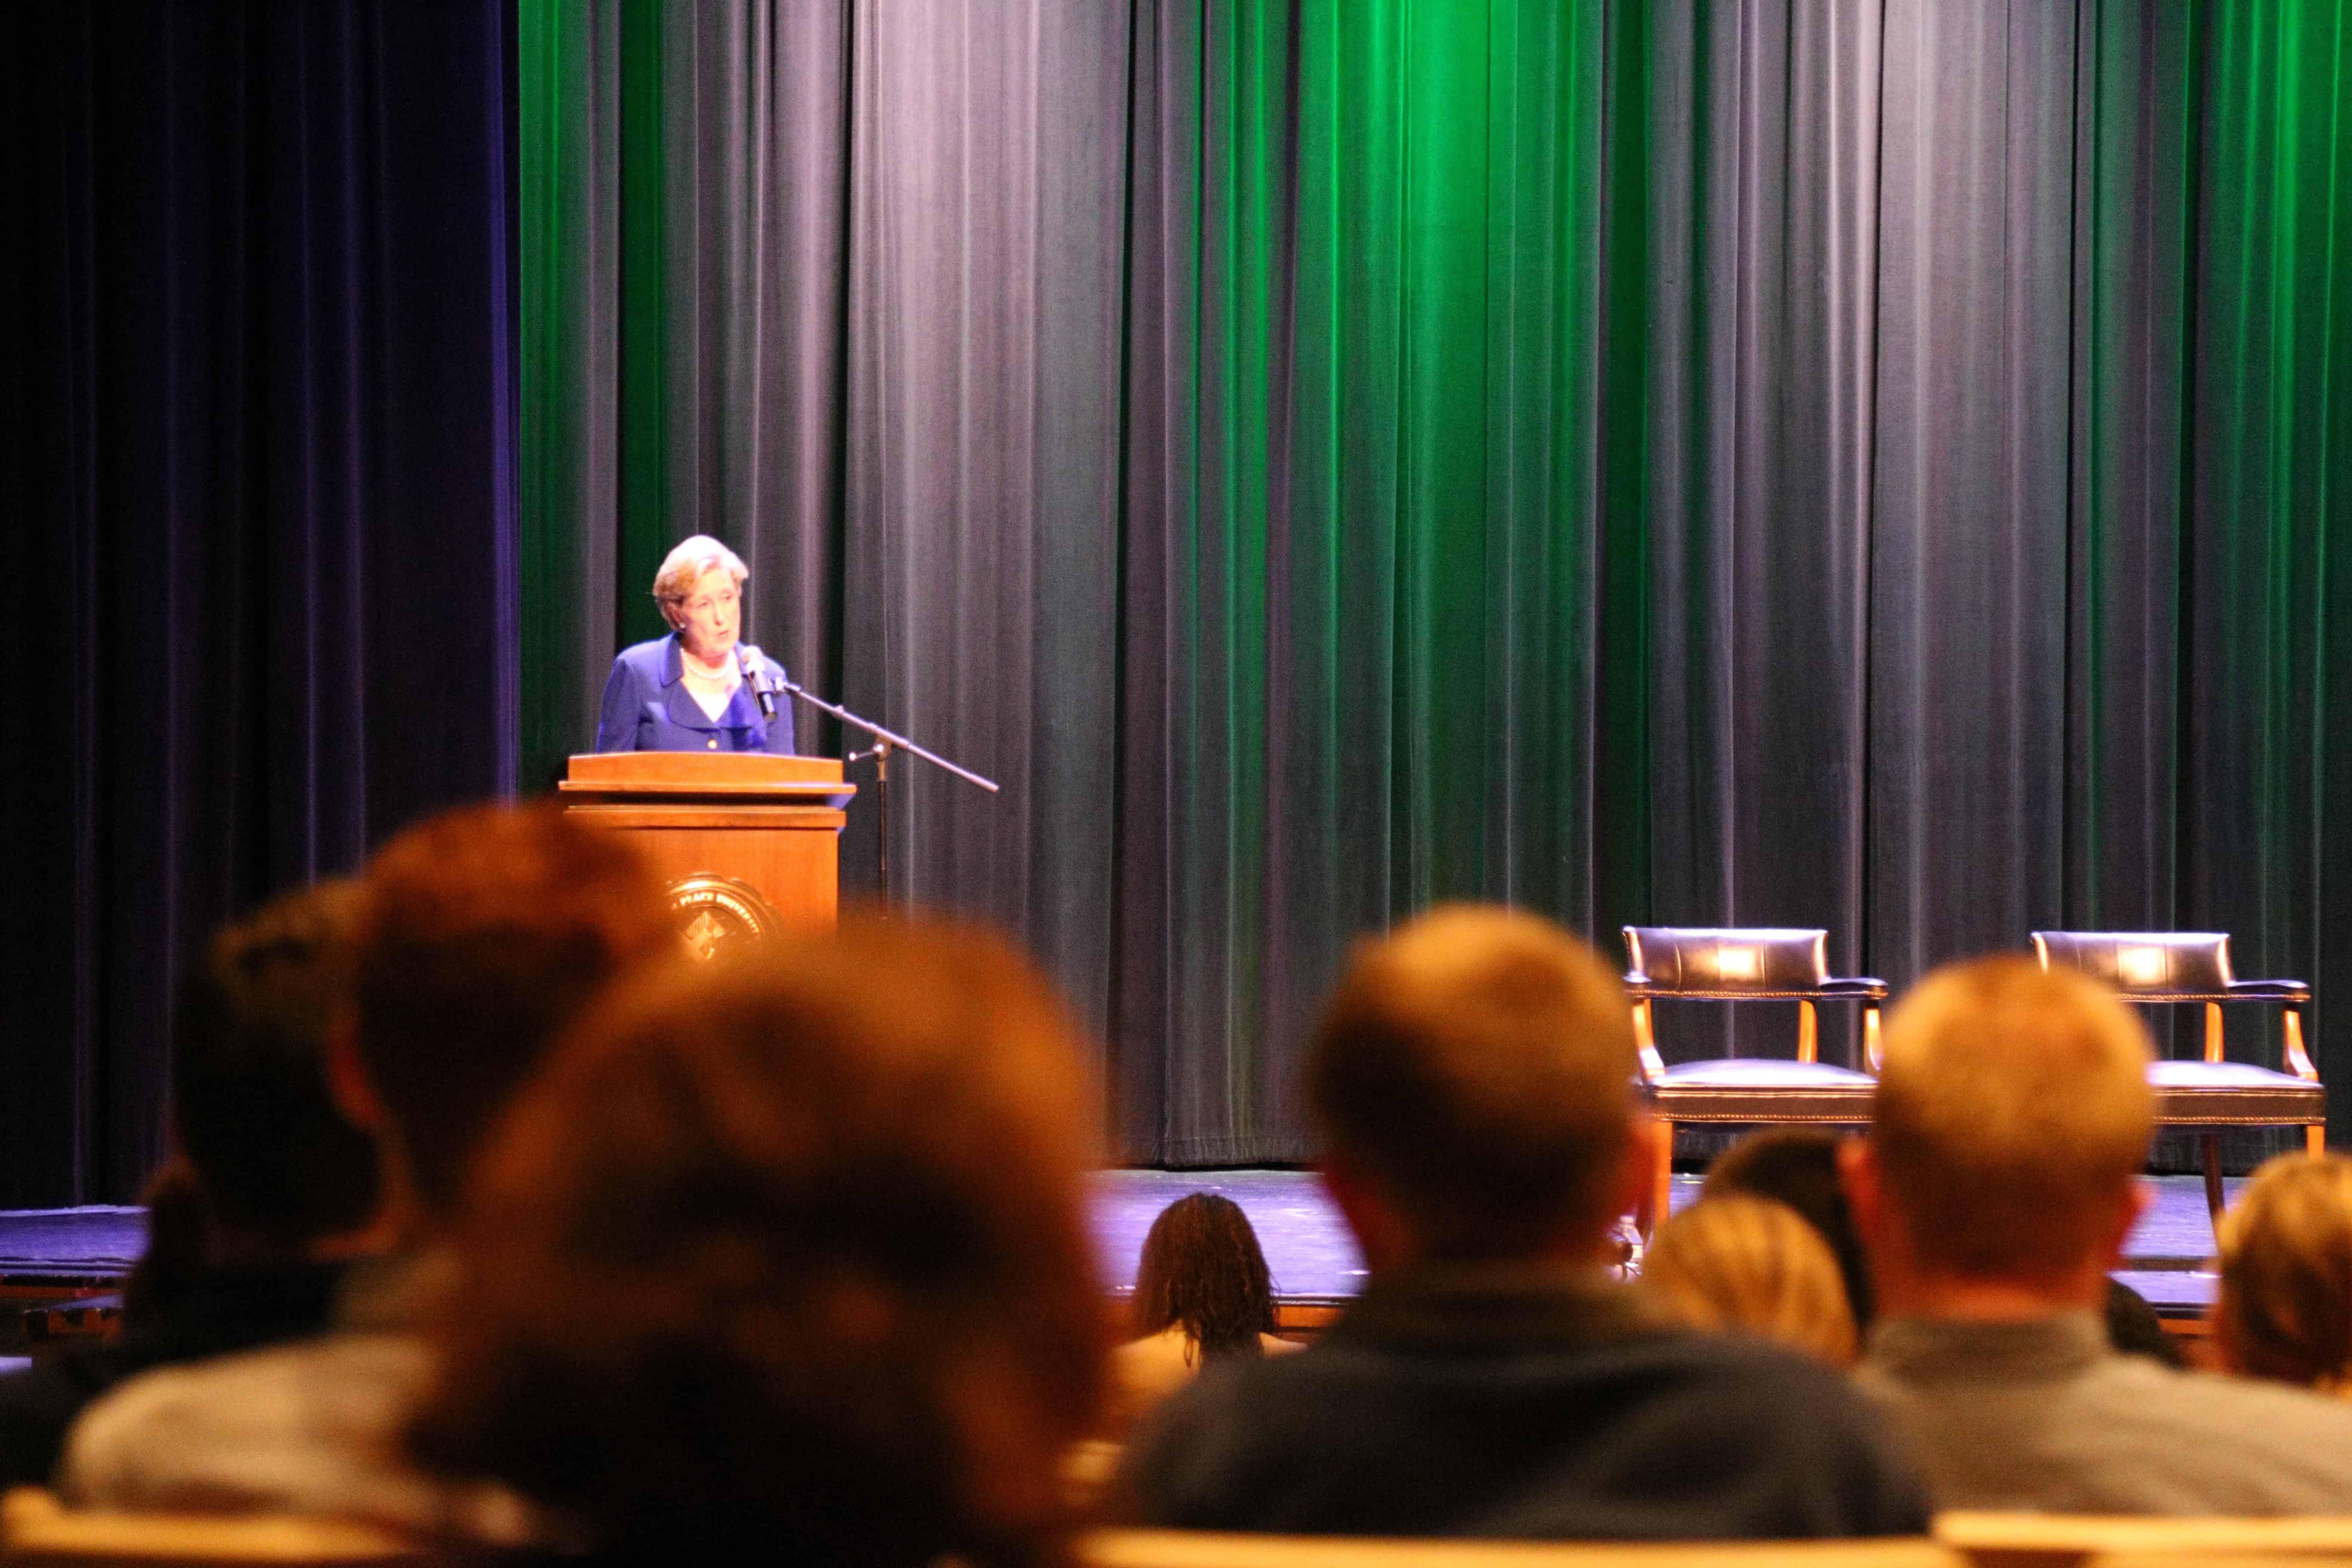 A speaker giving a speech at WPU.